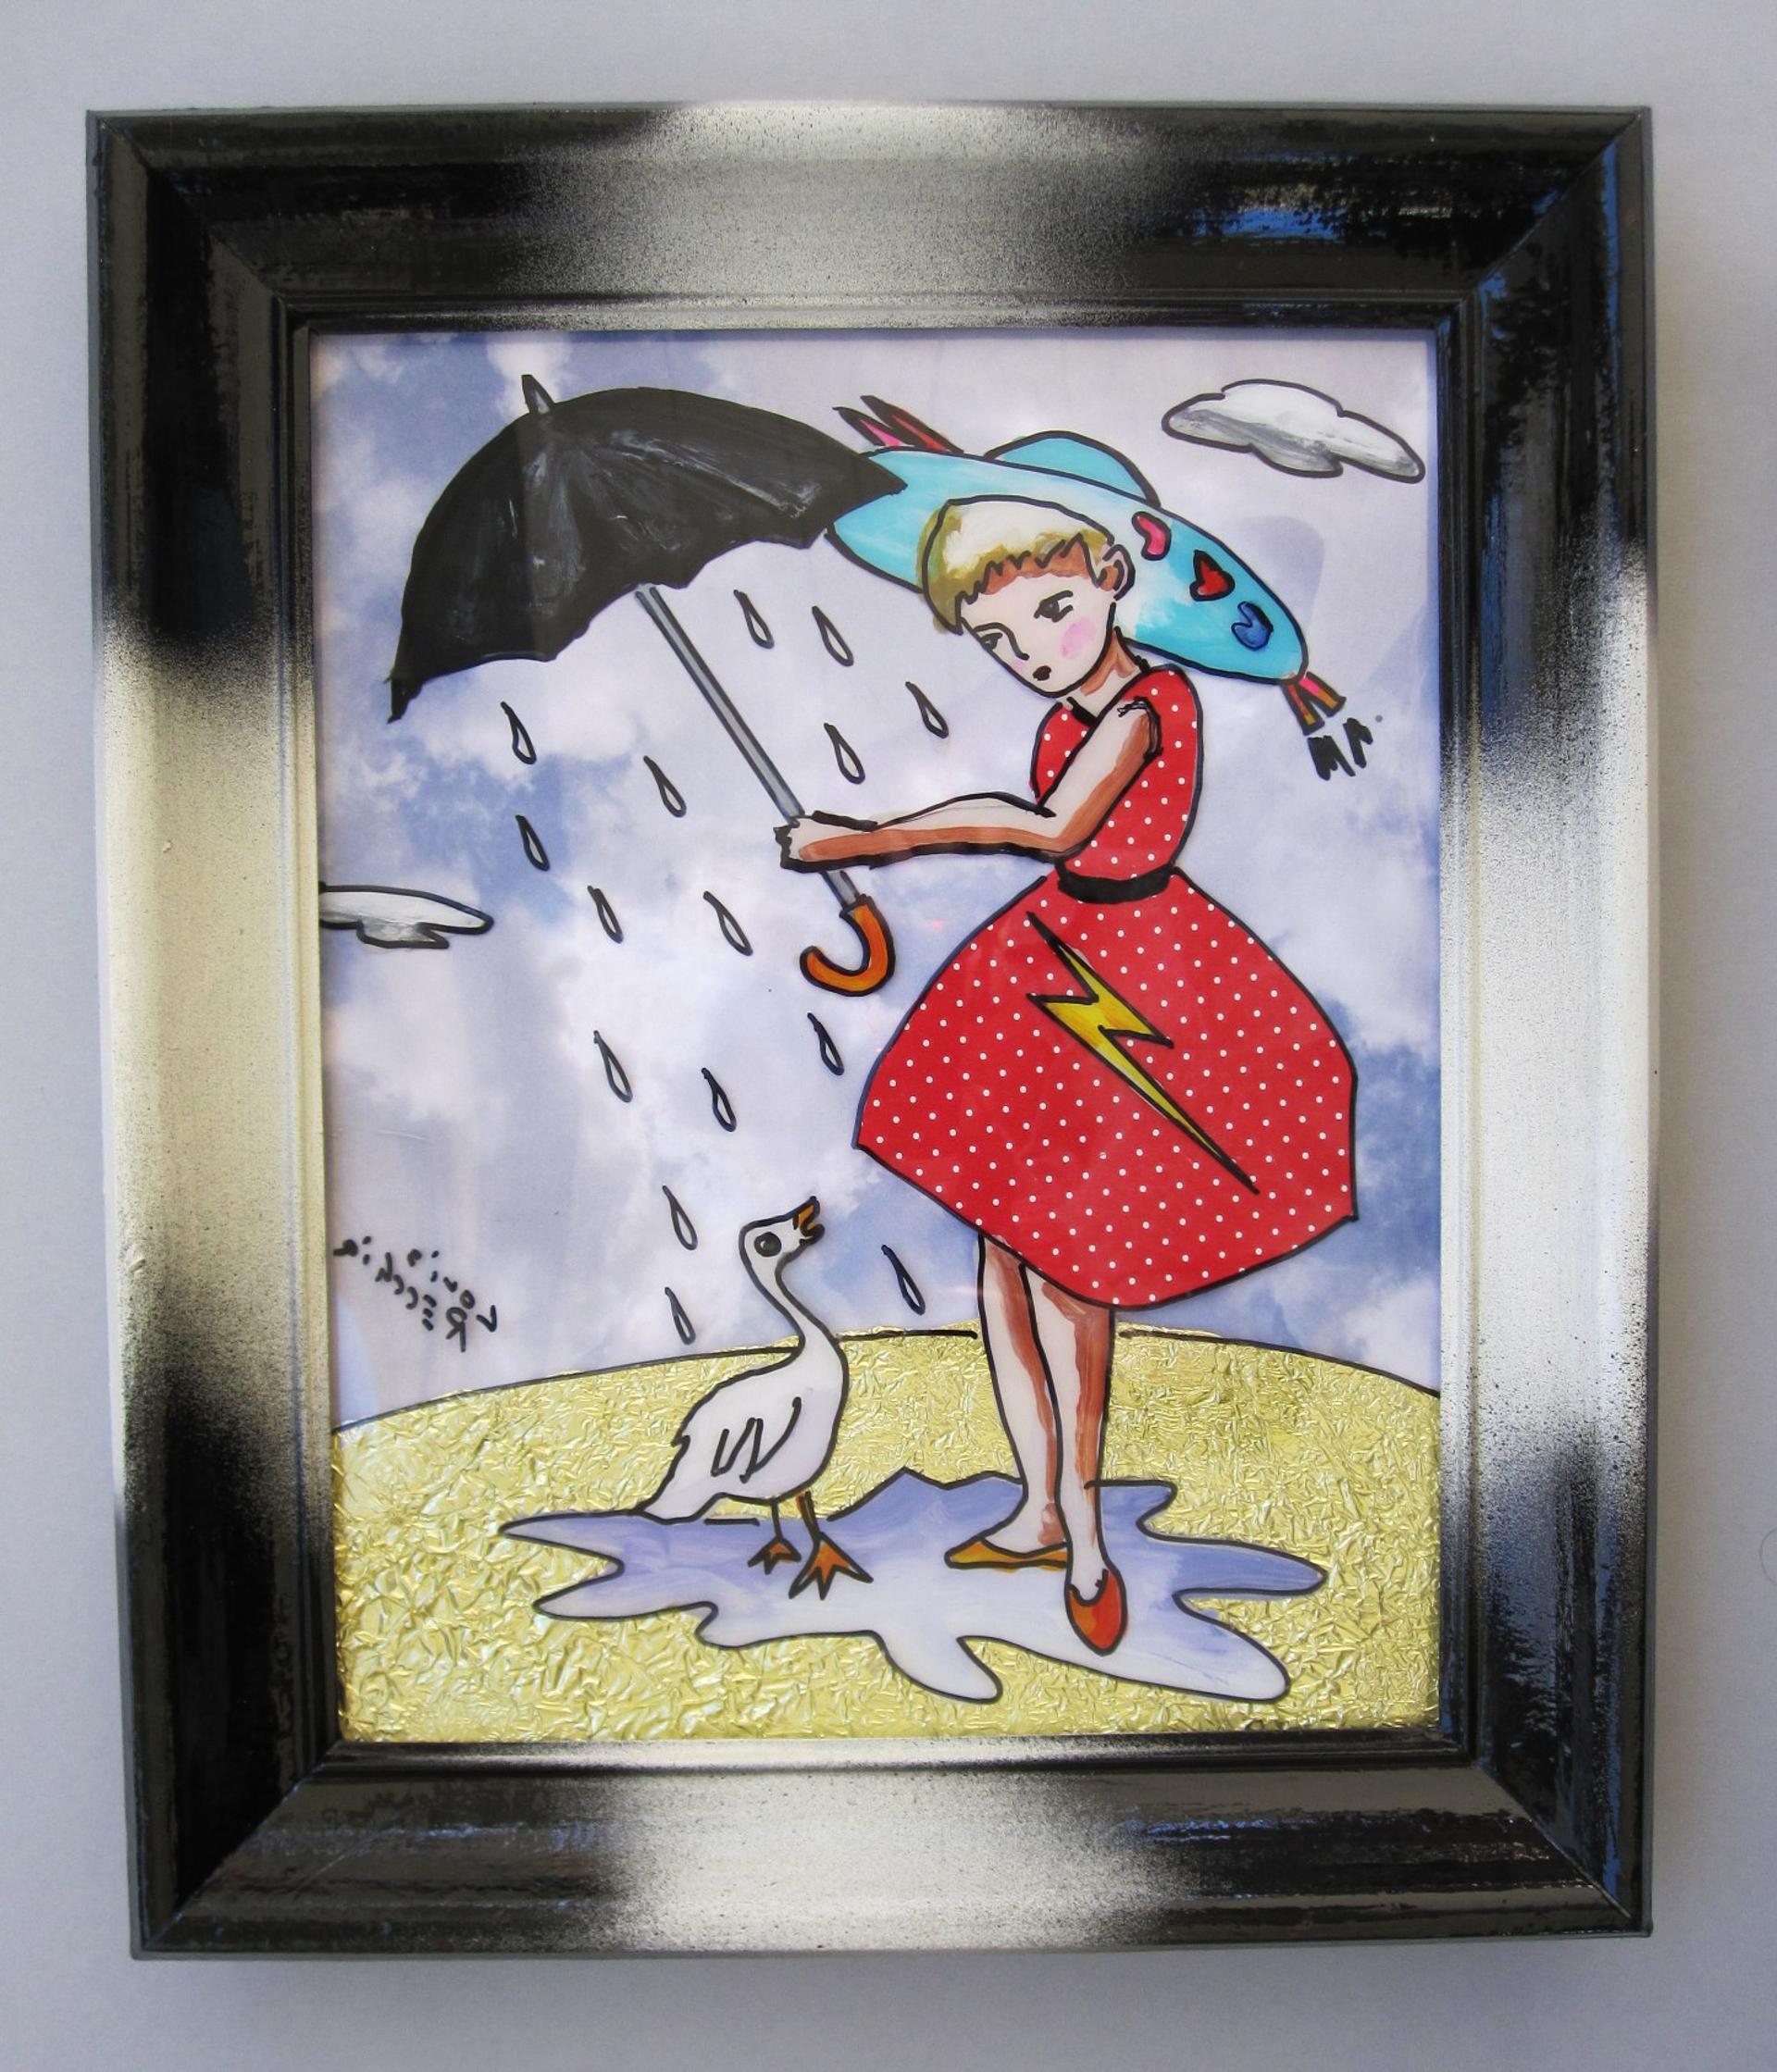 Rainy Day by Louis Recchia